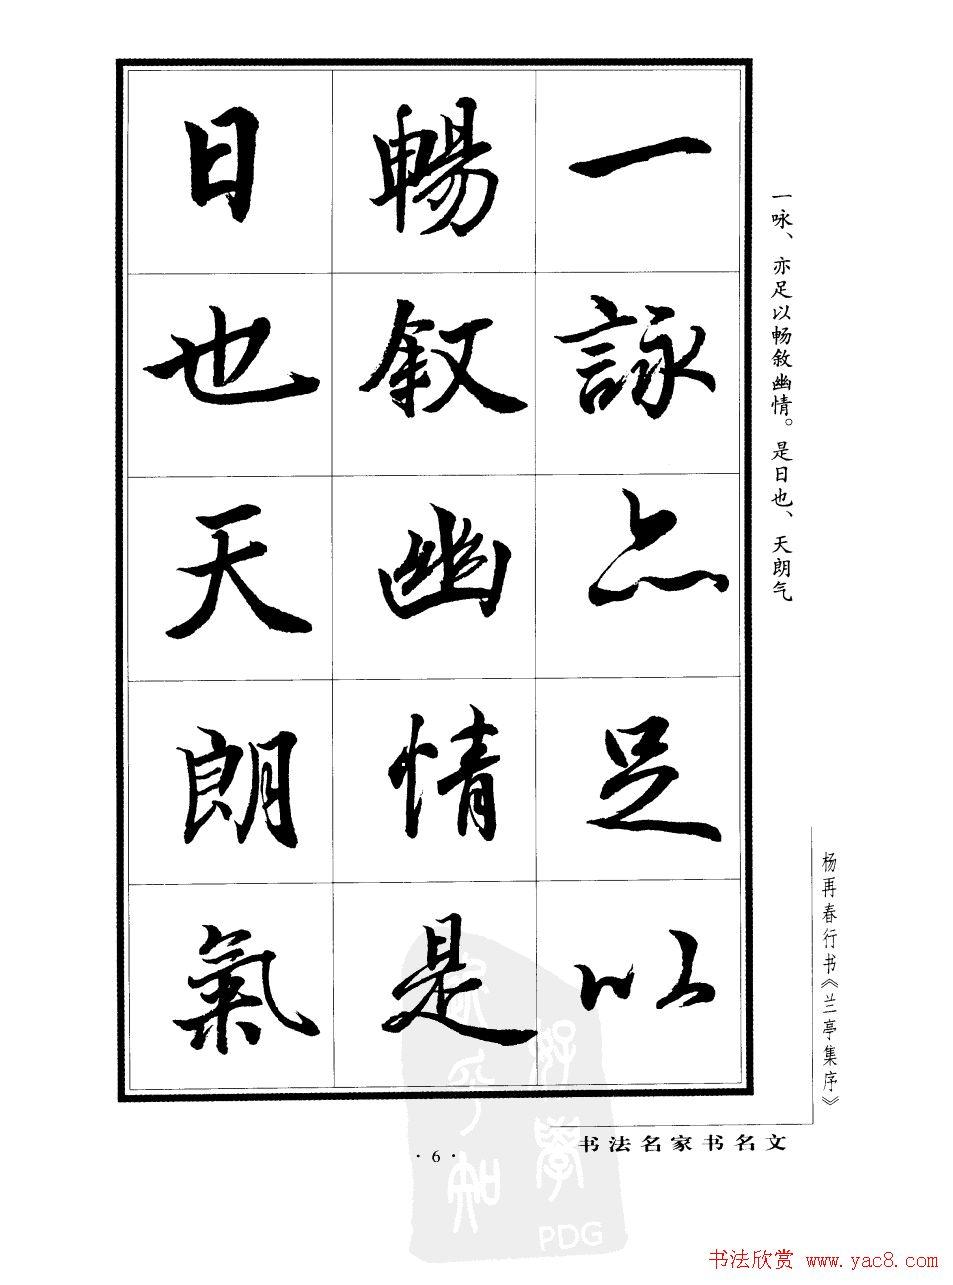 如何用Word做出米字格钢笔字帖?